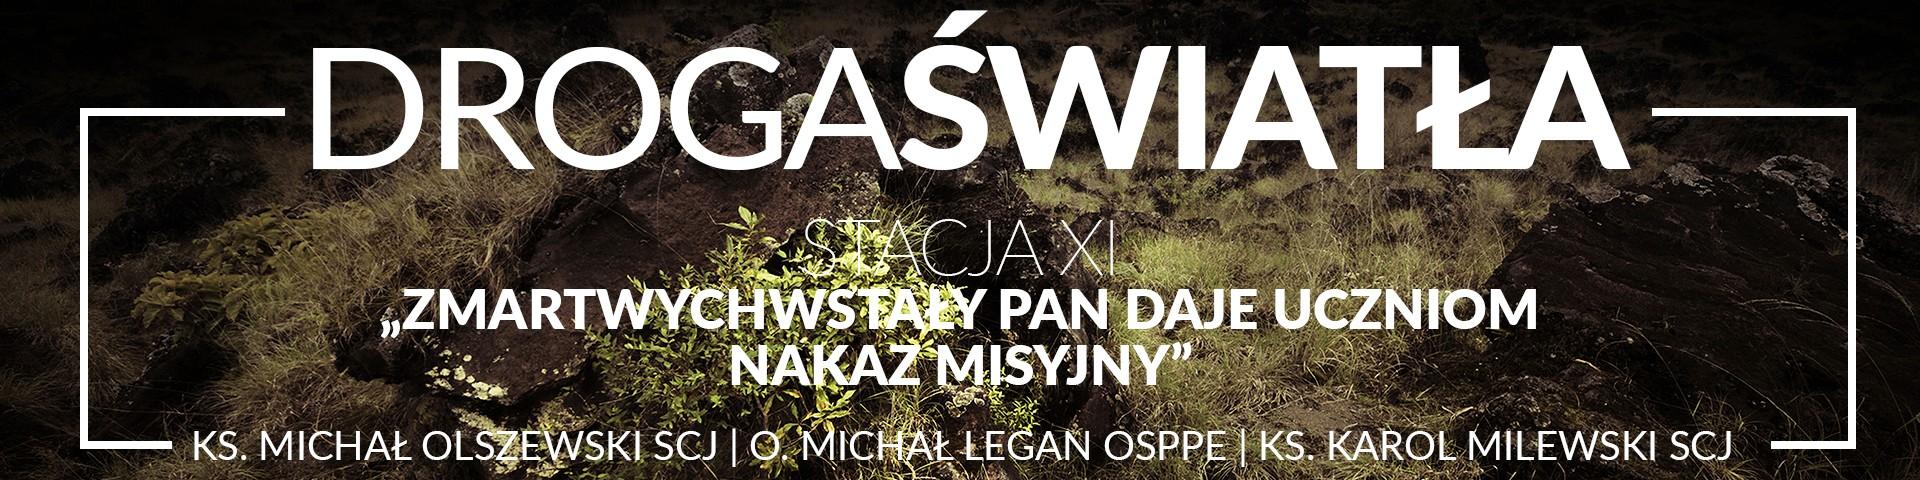 Droga Światła - Stacja XI: Zmartwychwstały Pan daje uczniom nakaz misyjny - O. Michał Legan OSPPE (video)